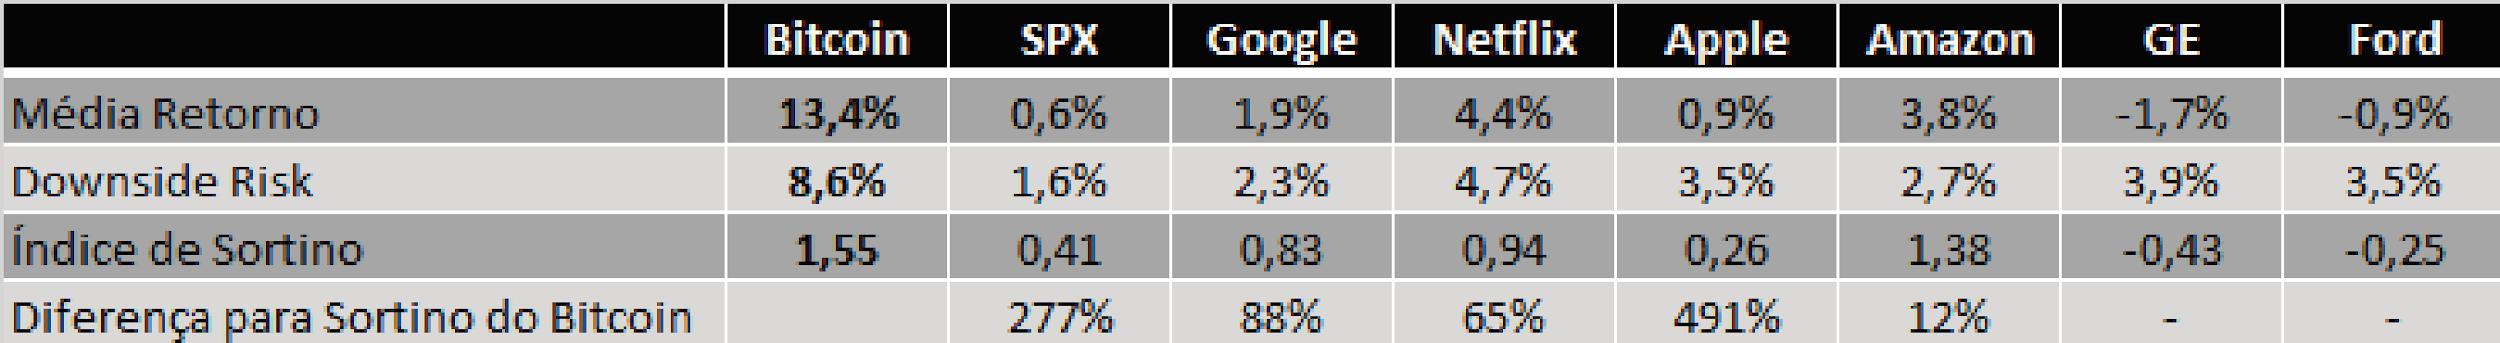 Retorno do bitcoin vs ações de tecnologia